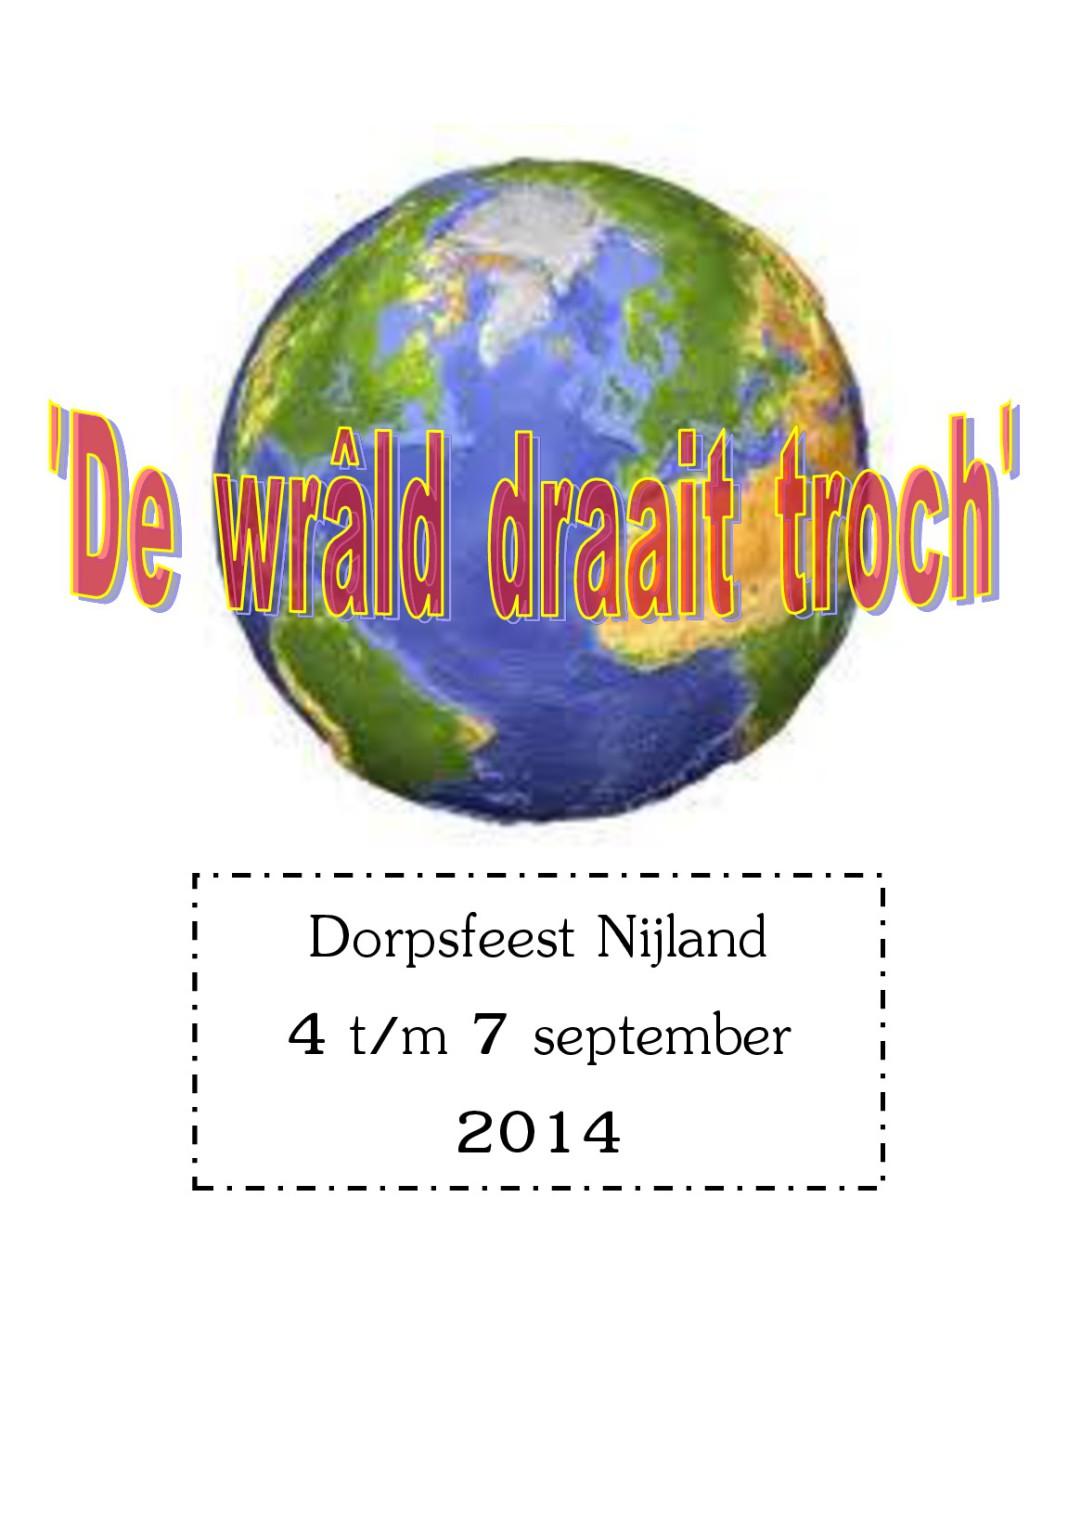 http://www.oranjenijland.nl/wp_oranjenijland/wp-content/uploads/2014/08/540031a00dae3-0-1081x1536.jpg